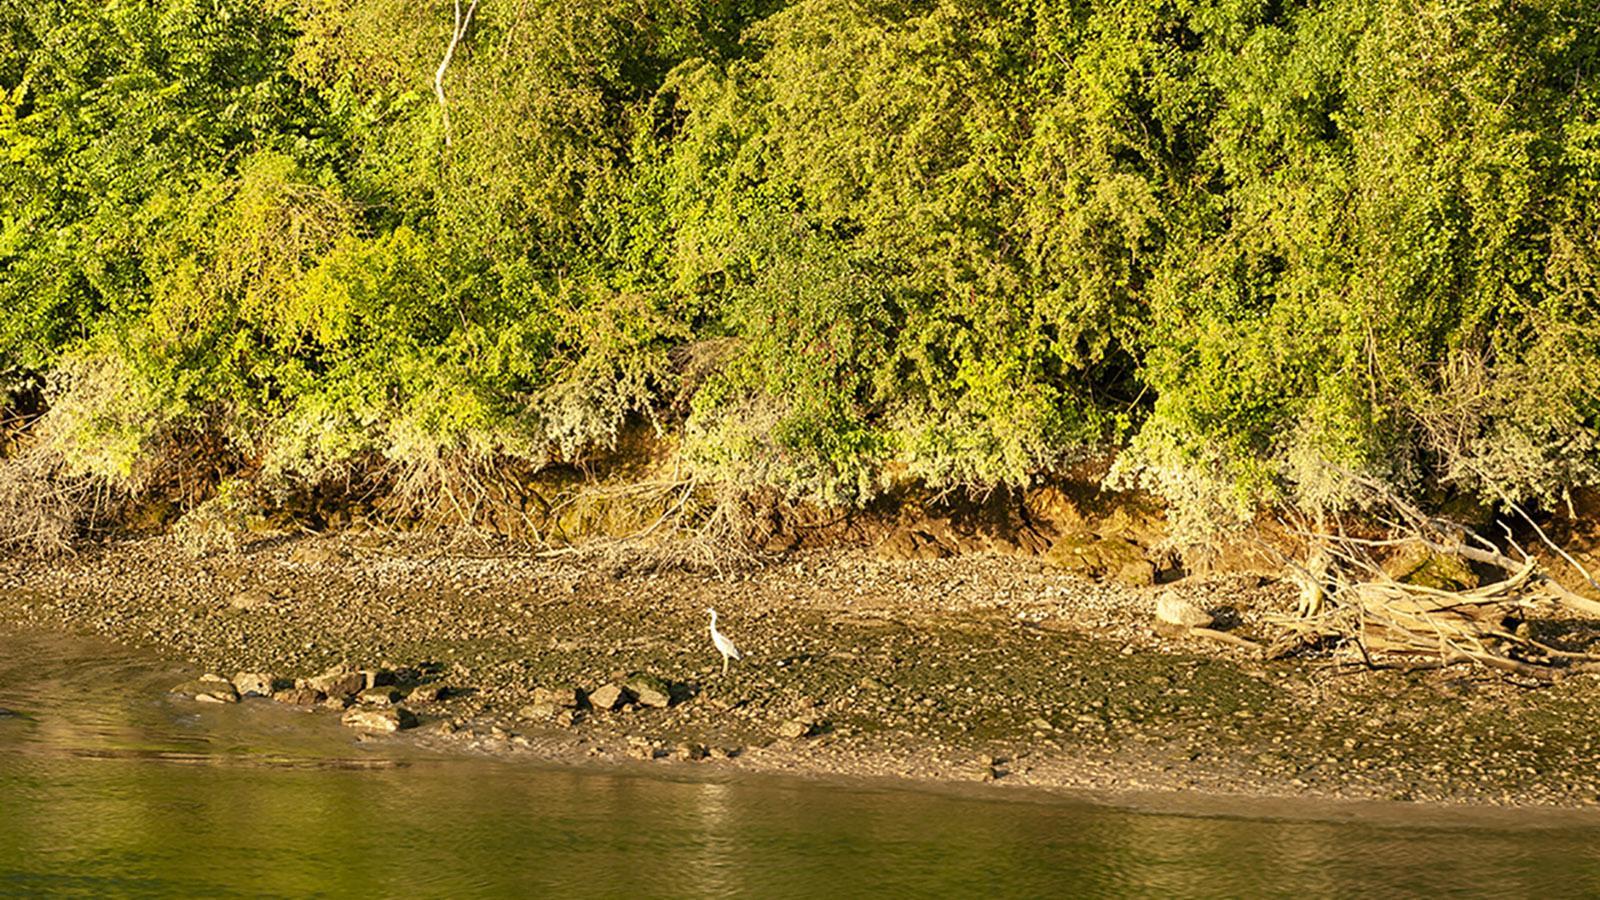 Seine Comtesse: von der Reling aus sieht man Wasser- und Watvögel. Foto: Hilke Maunder